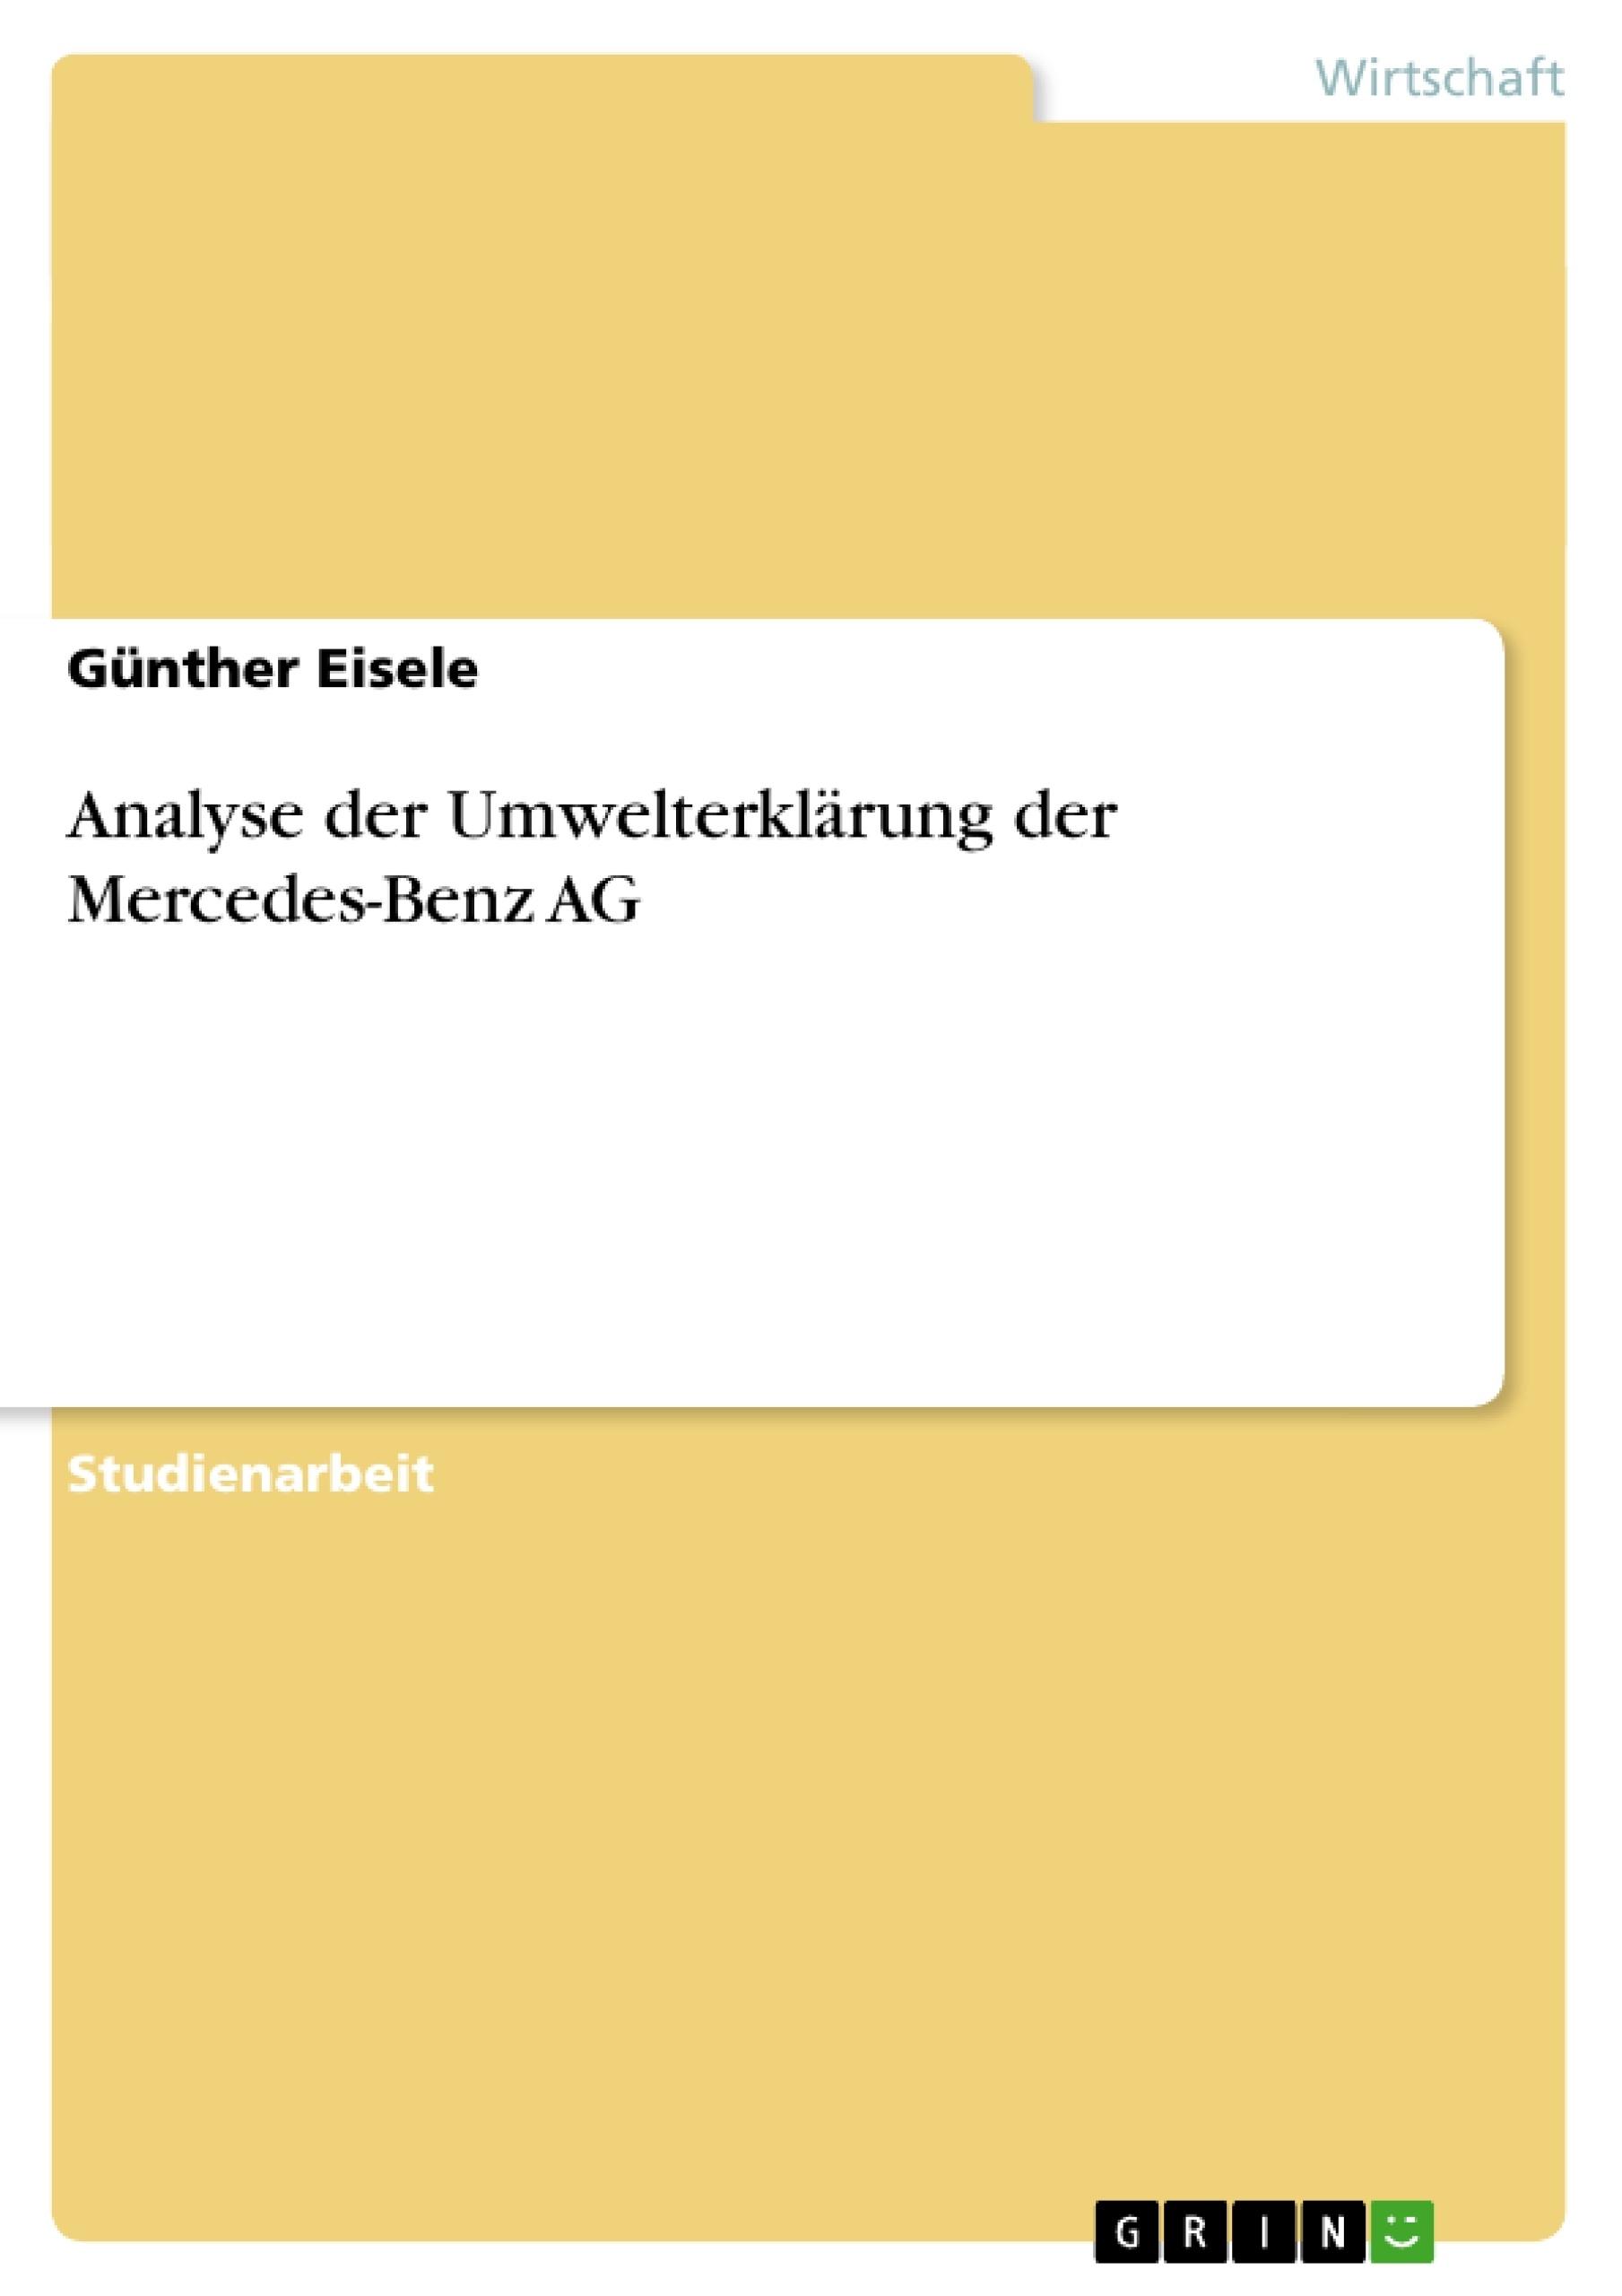 Titel: Analyse der Umwelterklärung der Mercedes-Benz AG